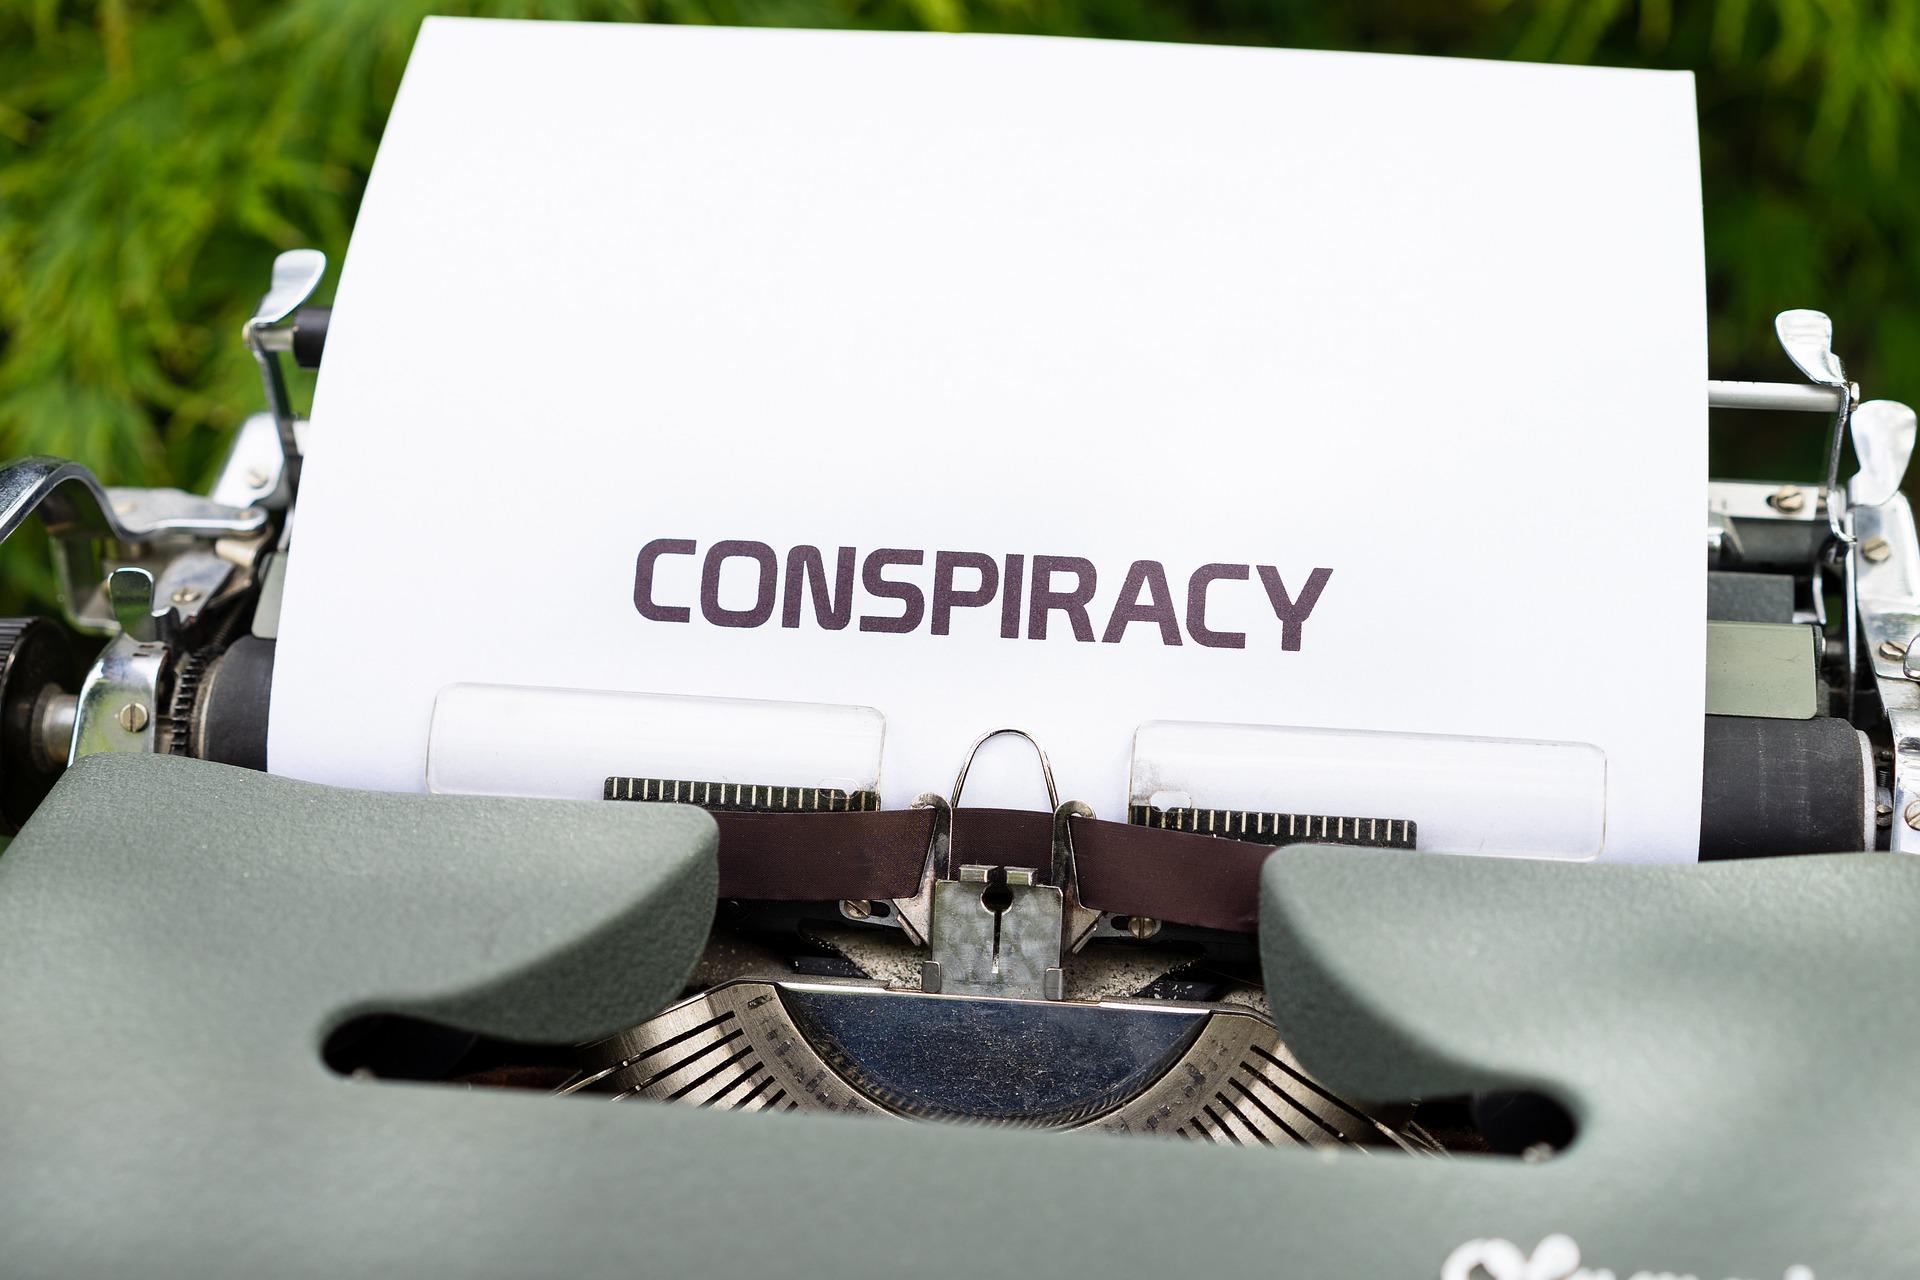 Pixabay/Markus Winkler: Mýty kolem COVID-19: Může vědecká komunikace přispět k boření konspiračních teorií?